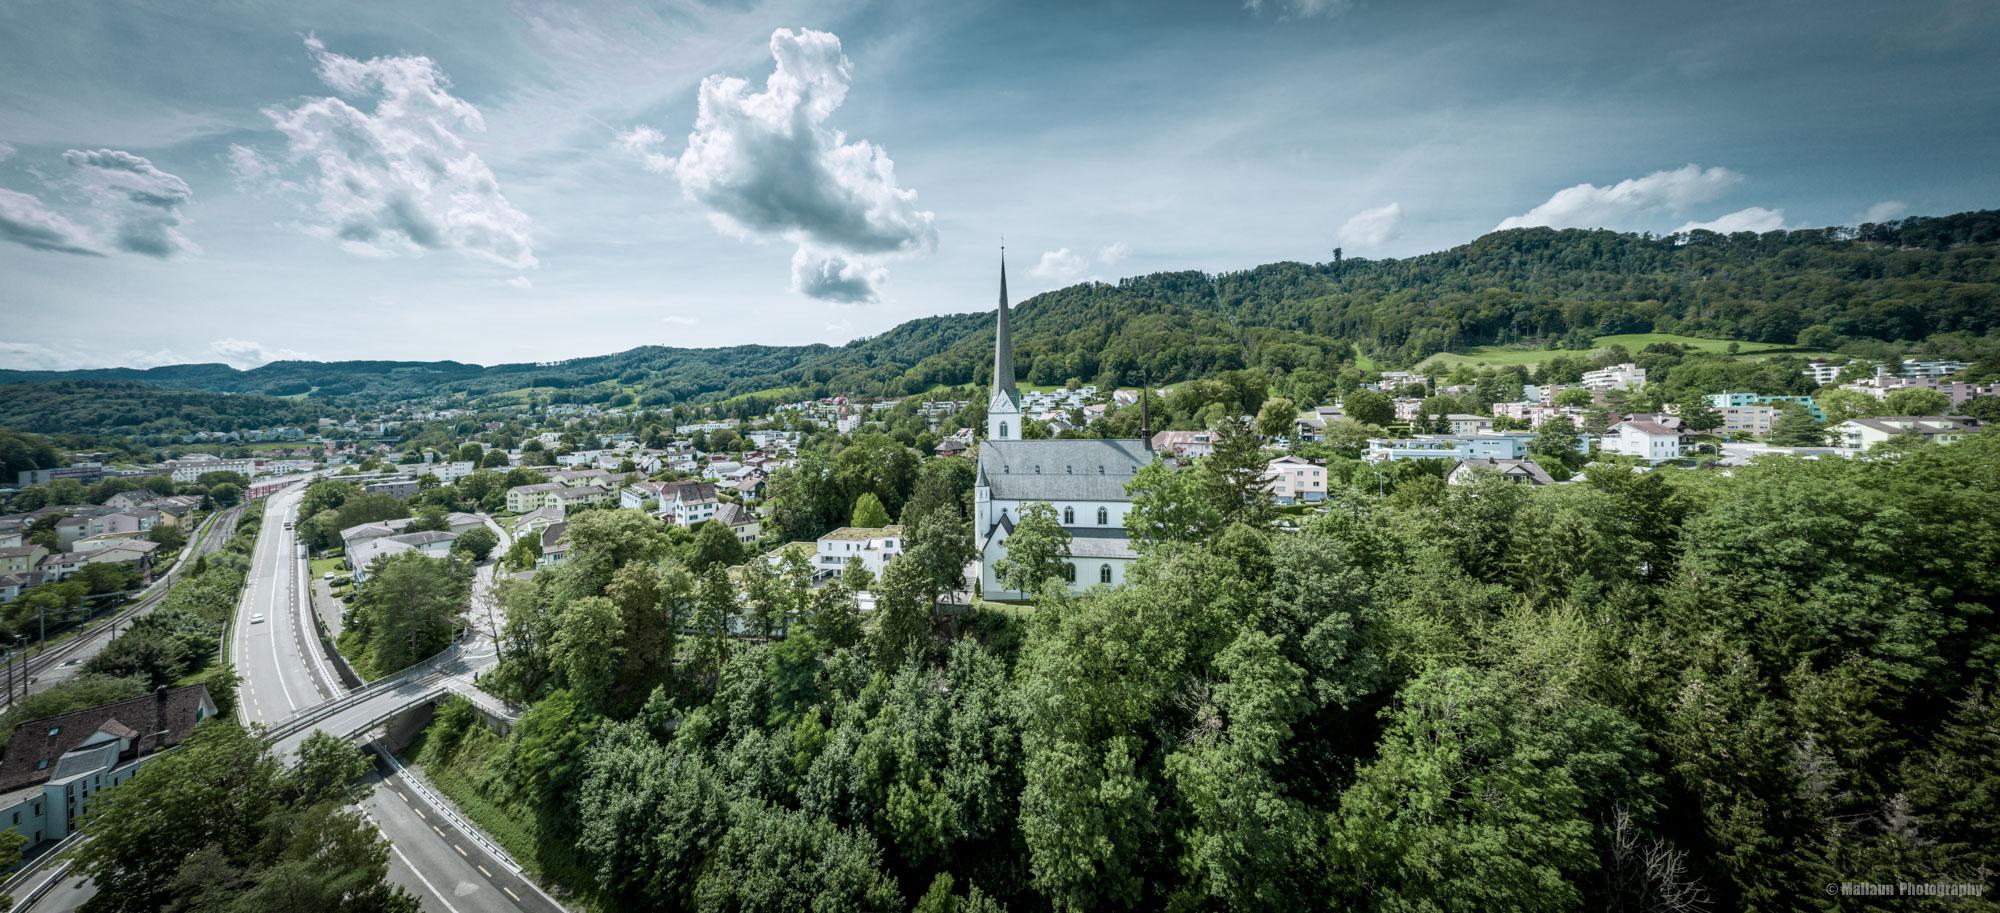 Drohnen-Panorama von Adliswil mit der Mavic Pro 2 © Mallaun Photography